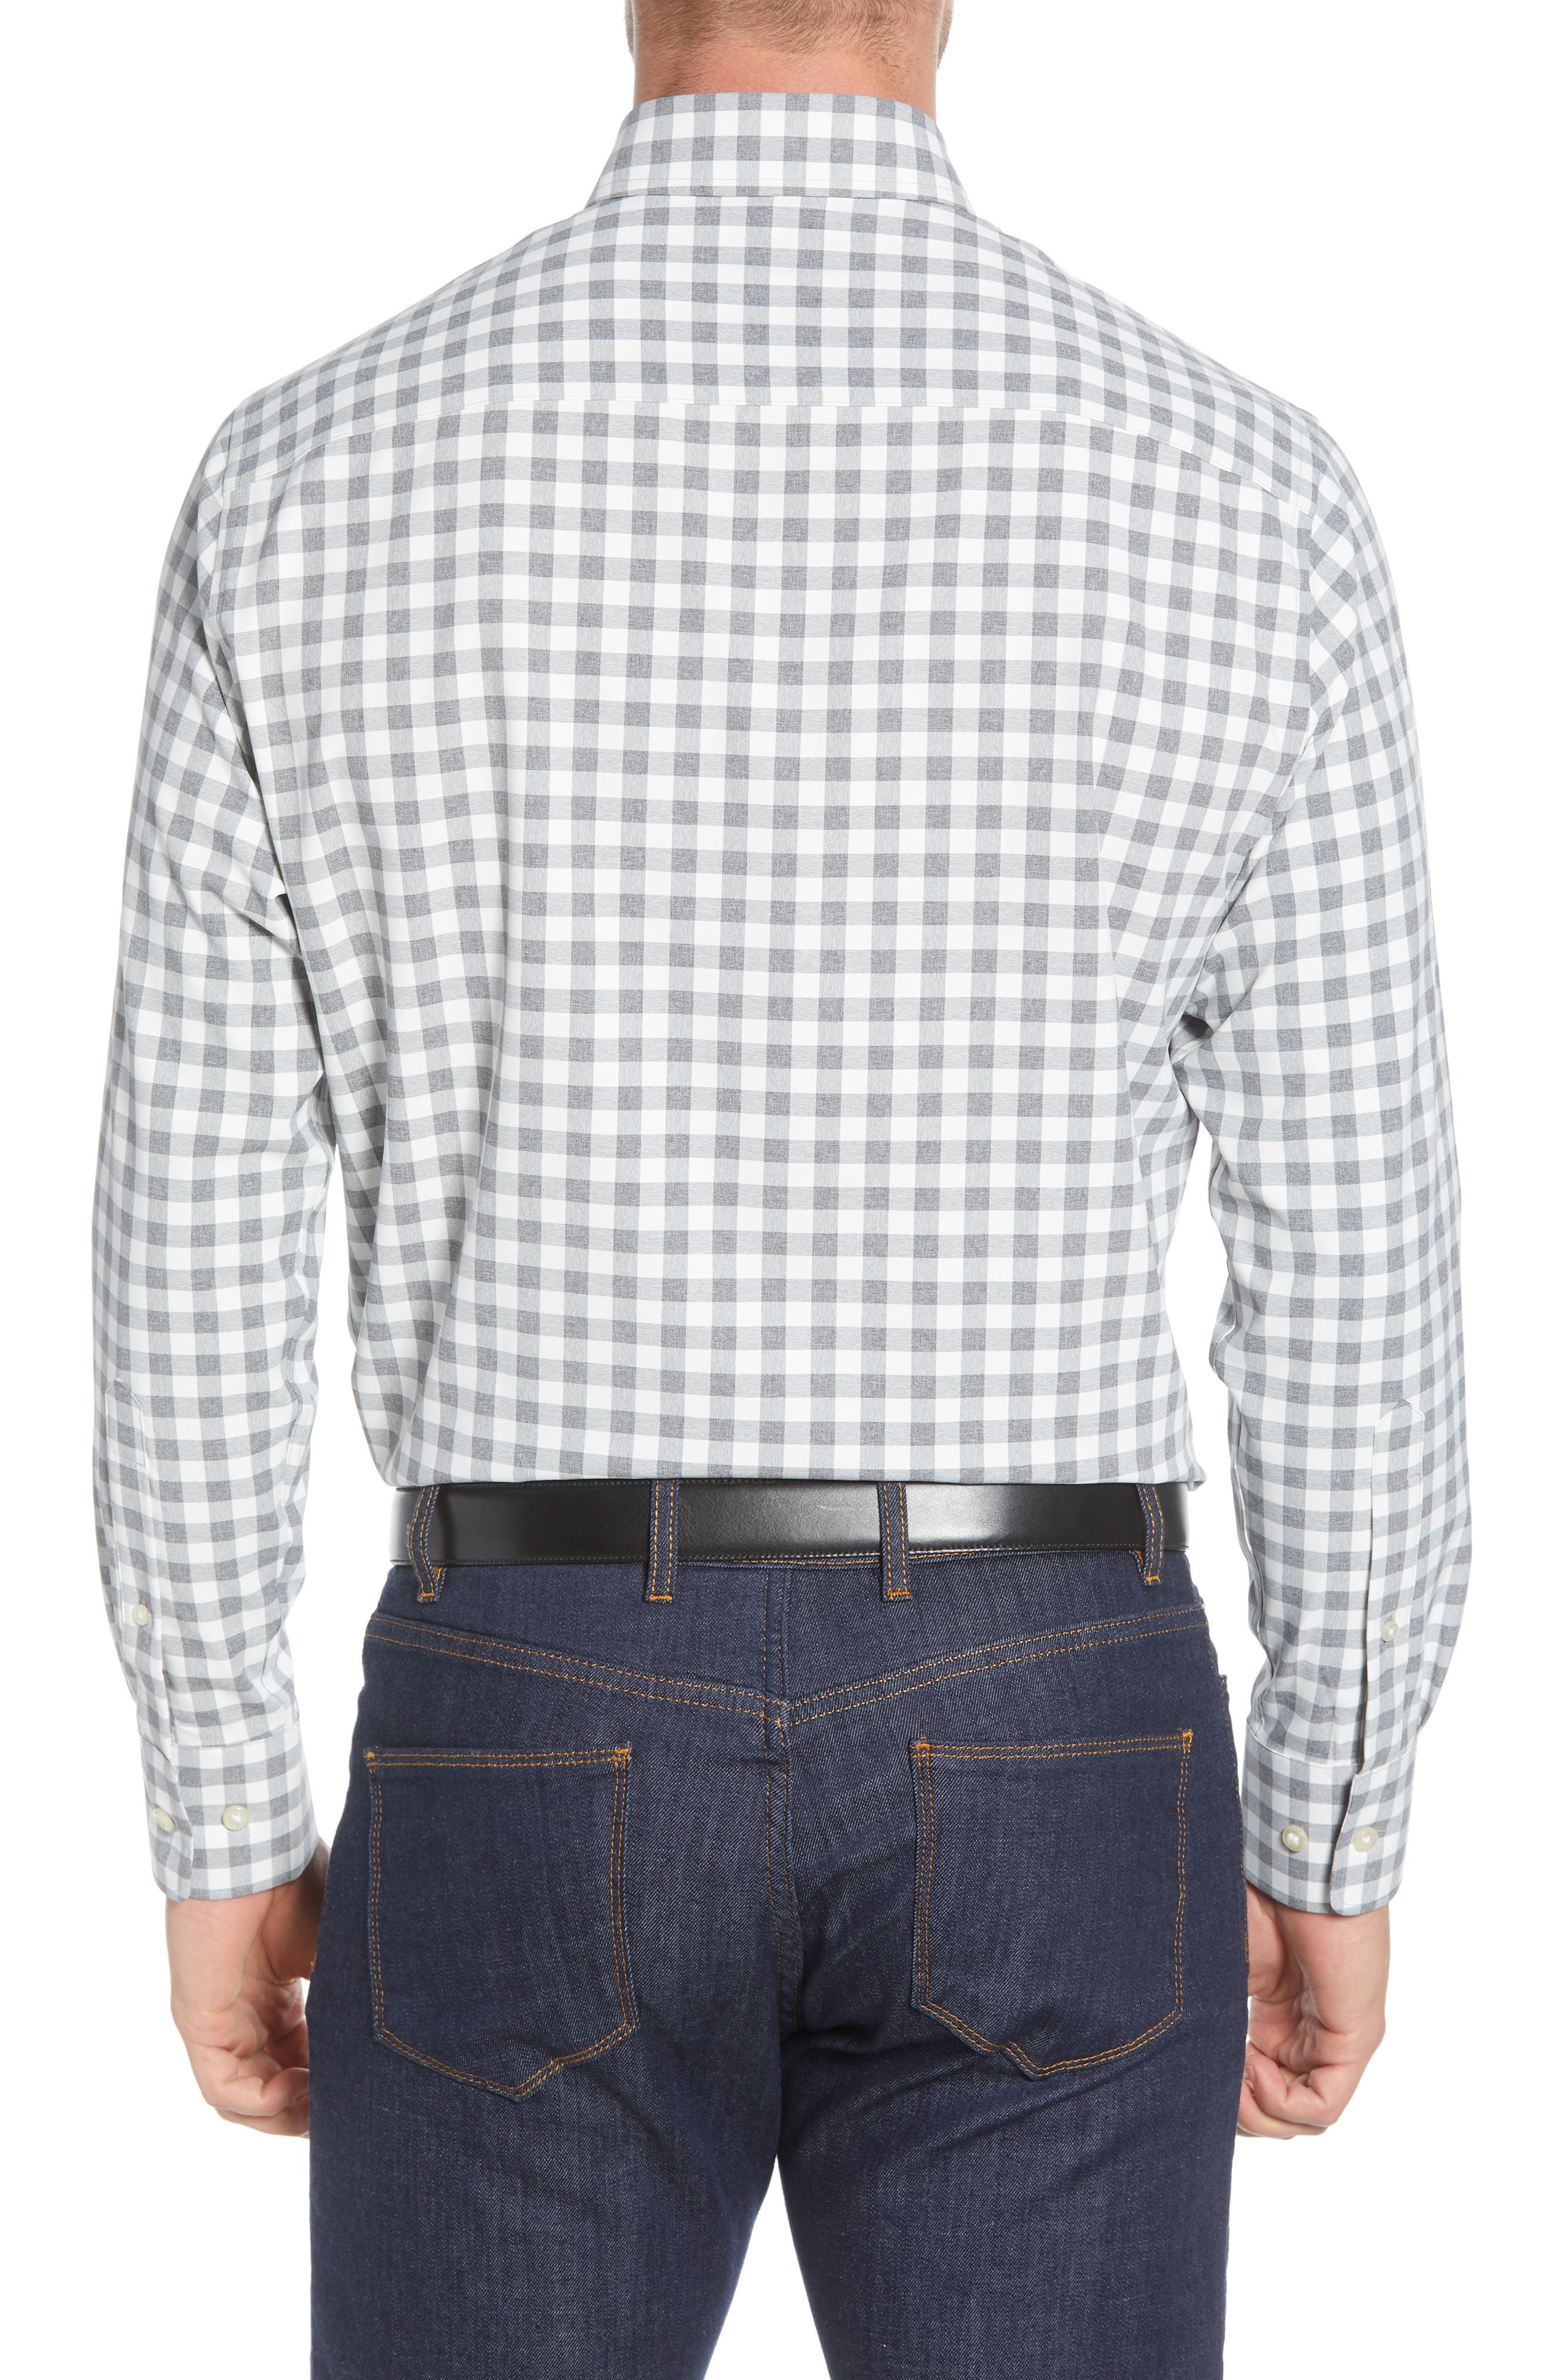 Peter Millar T-shirts Jordan Natural Touch Regular Fit Gingham Button-Down Performance Shirt